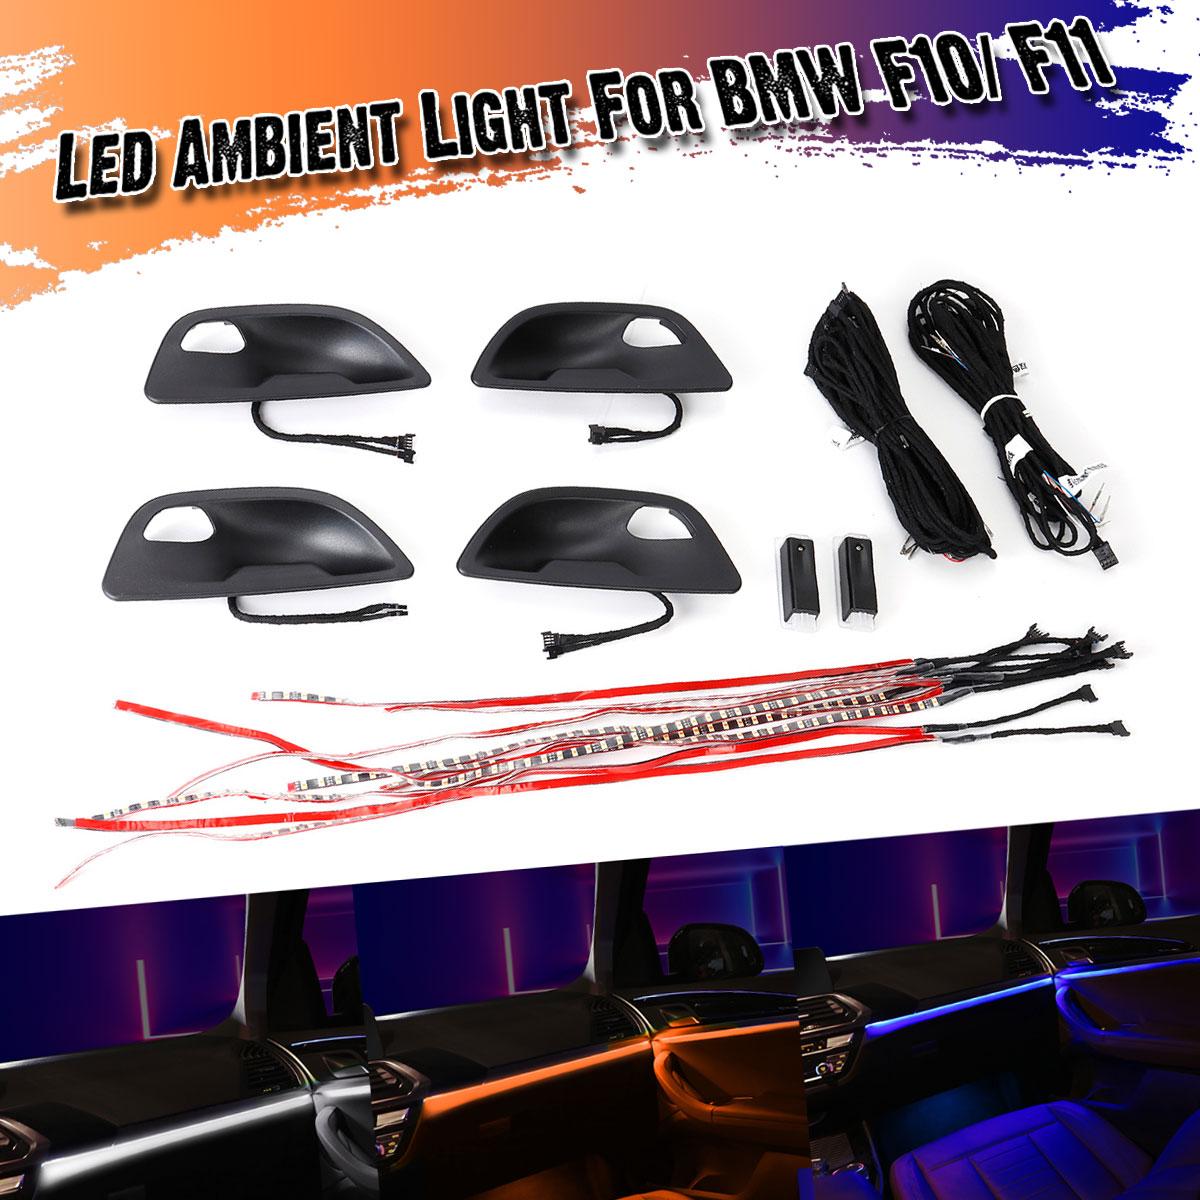 3 couleurs LED Ambiante Lumières pour BMW F10/F11 Voiture Porte Intérieure Tasses LED Atmosphère Lumière Lampe Décorative Mise À Niveau